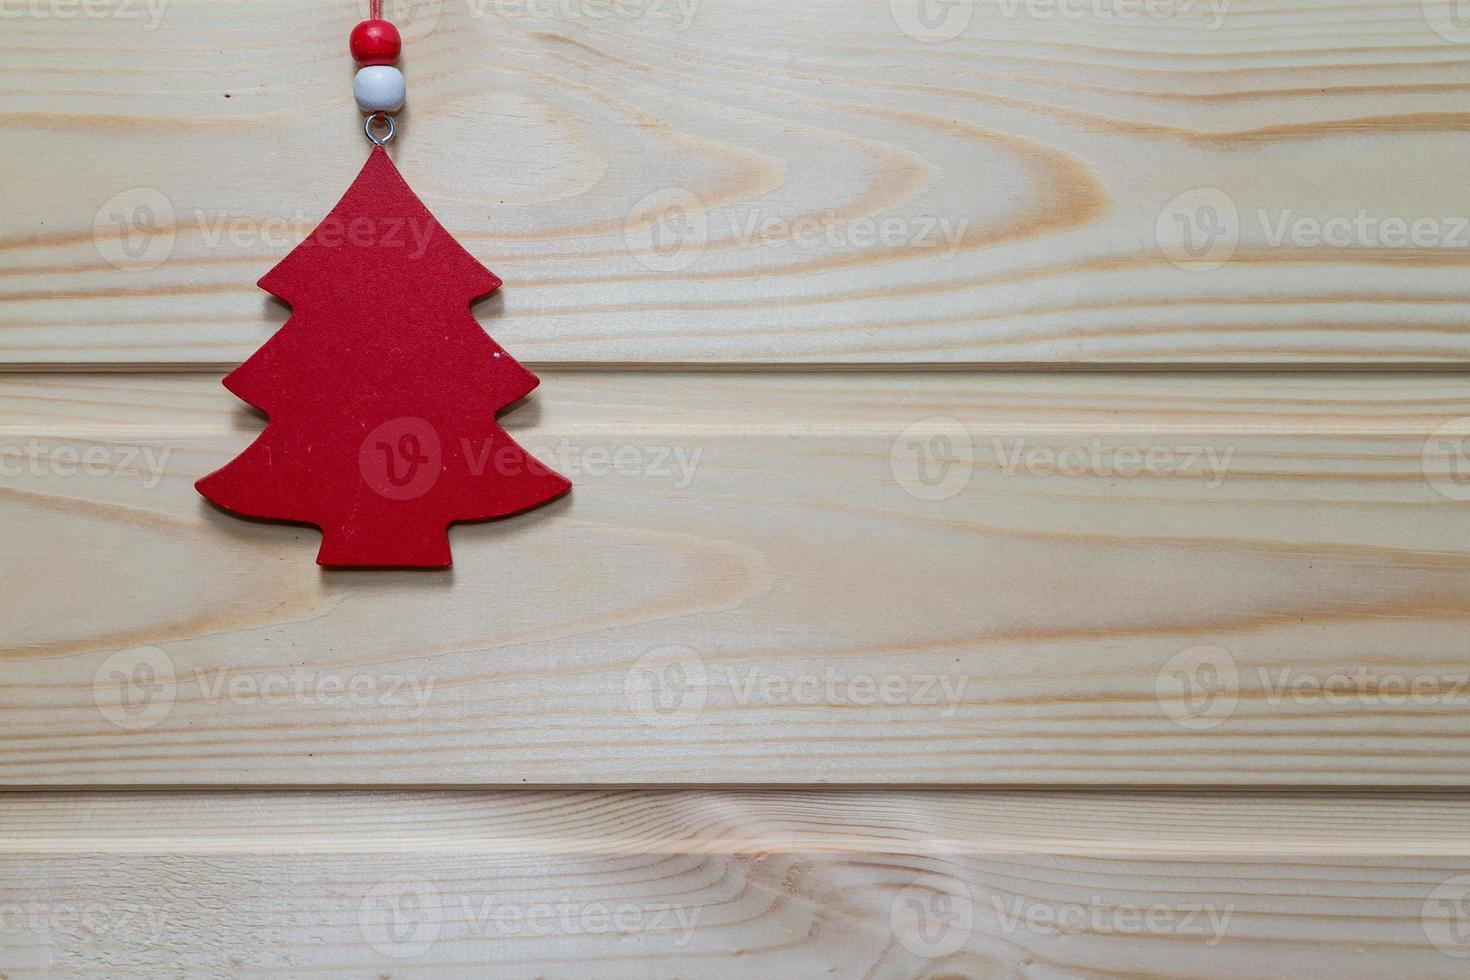 Kerst houten achtergrond versierd met speelgoed. foto